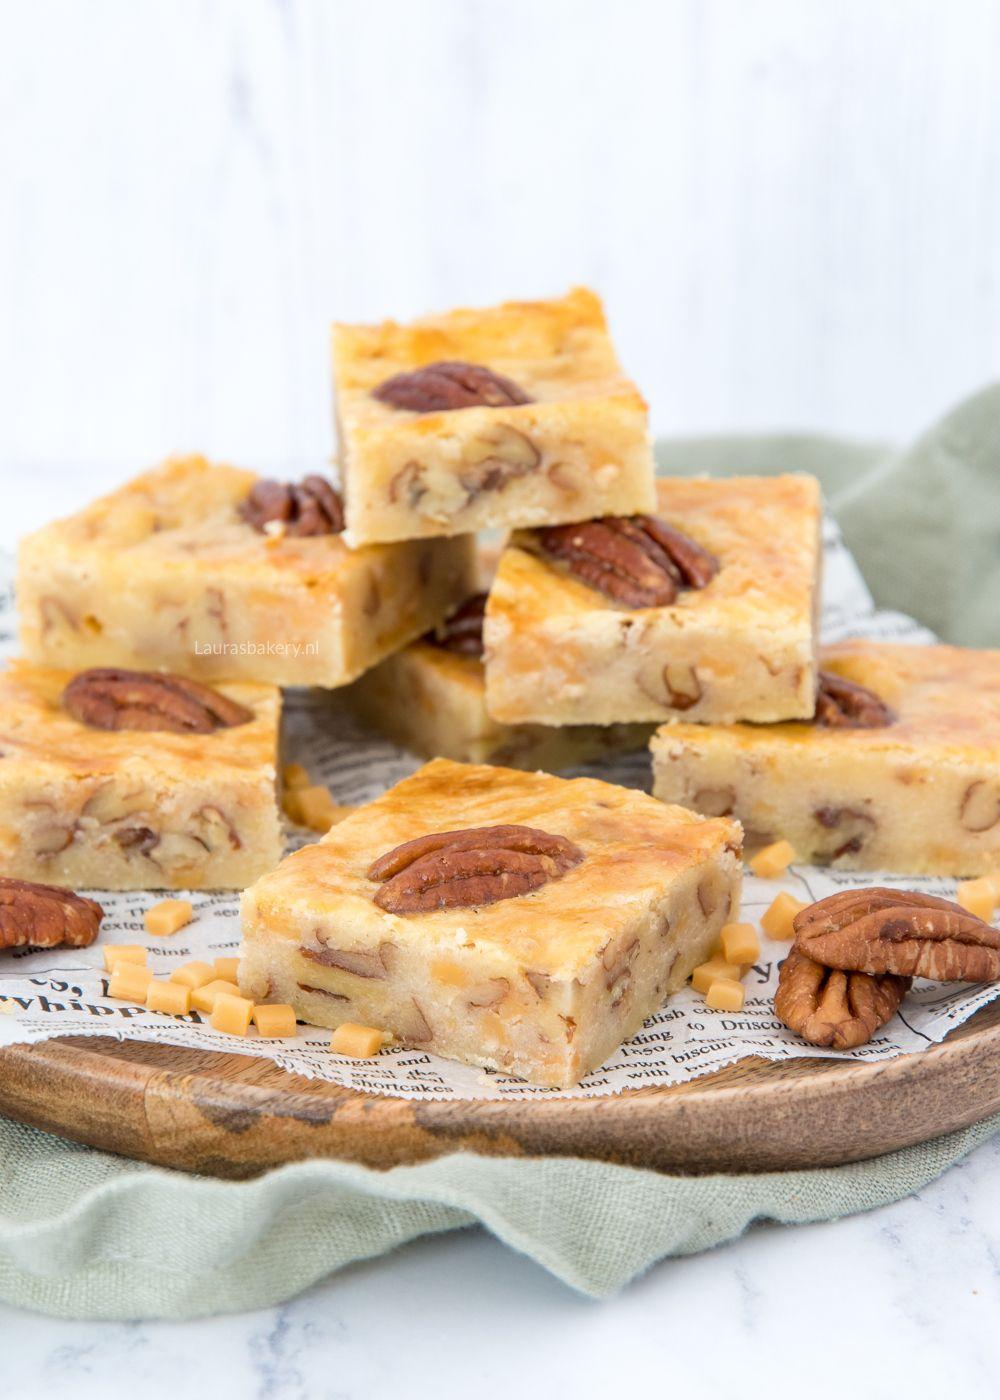 Pecan-karamel boterkoek